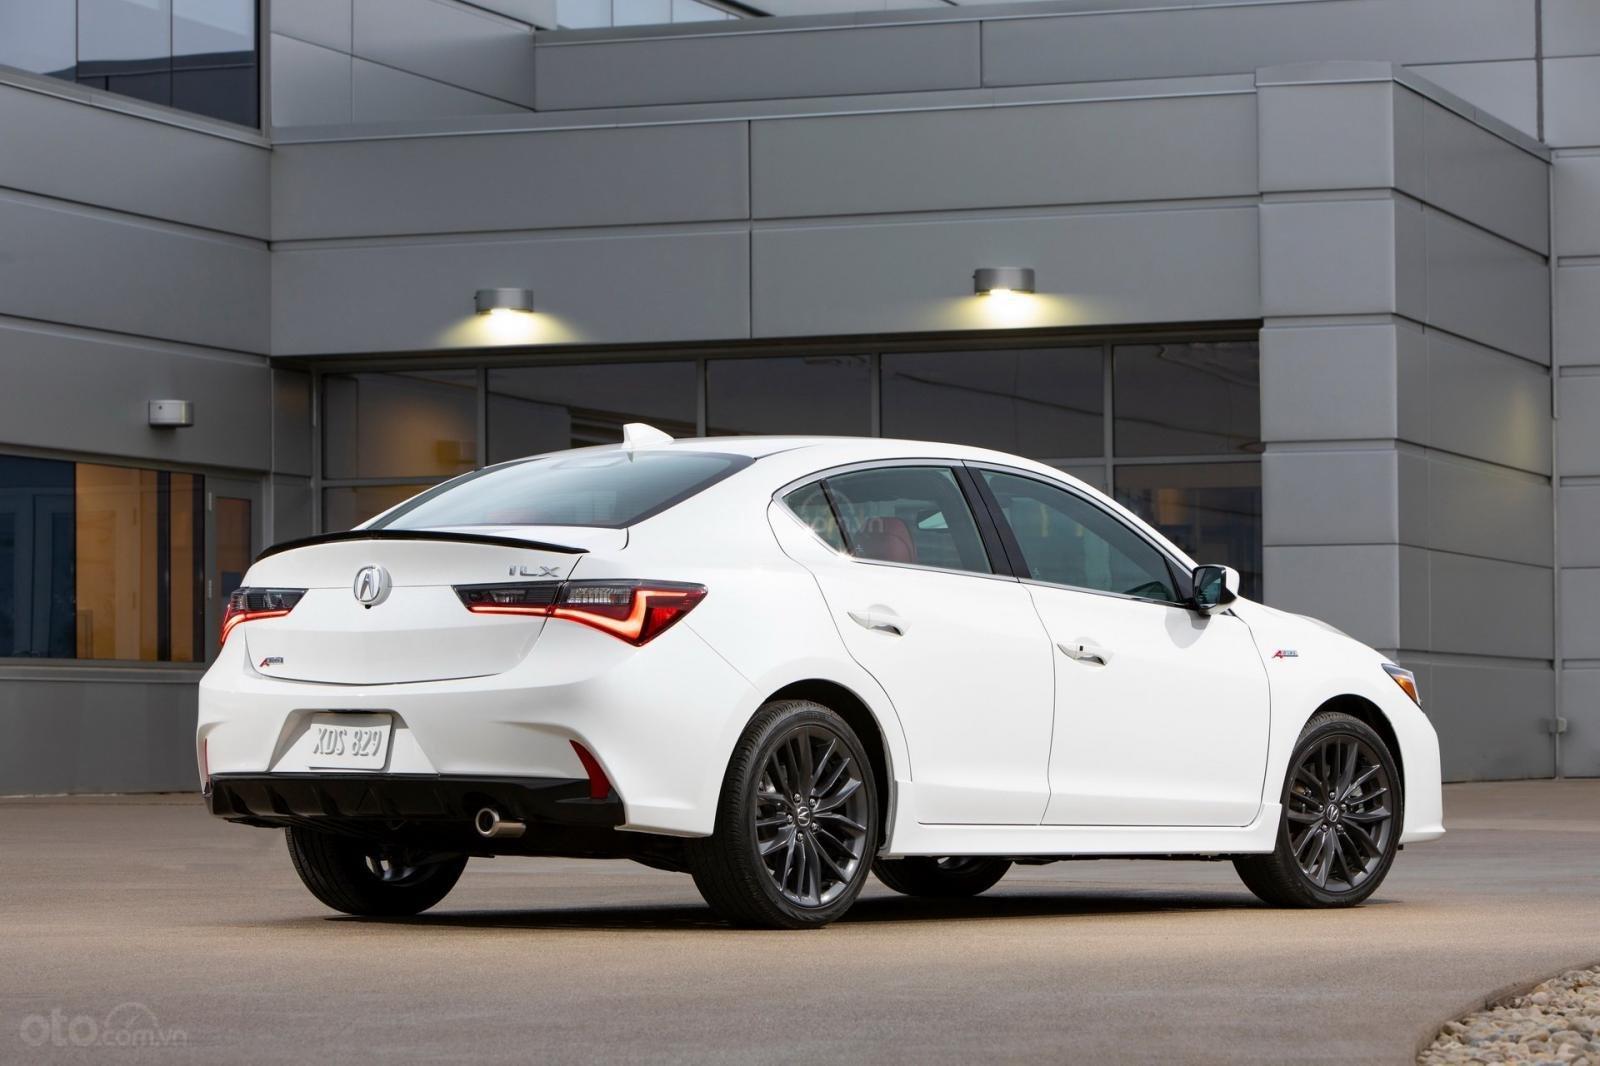 Acura ILX 2020 sẽ điều chỉnh giá cho các bộ trang bị tùy chọn kèm theo